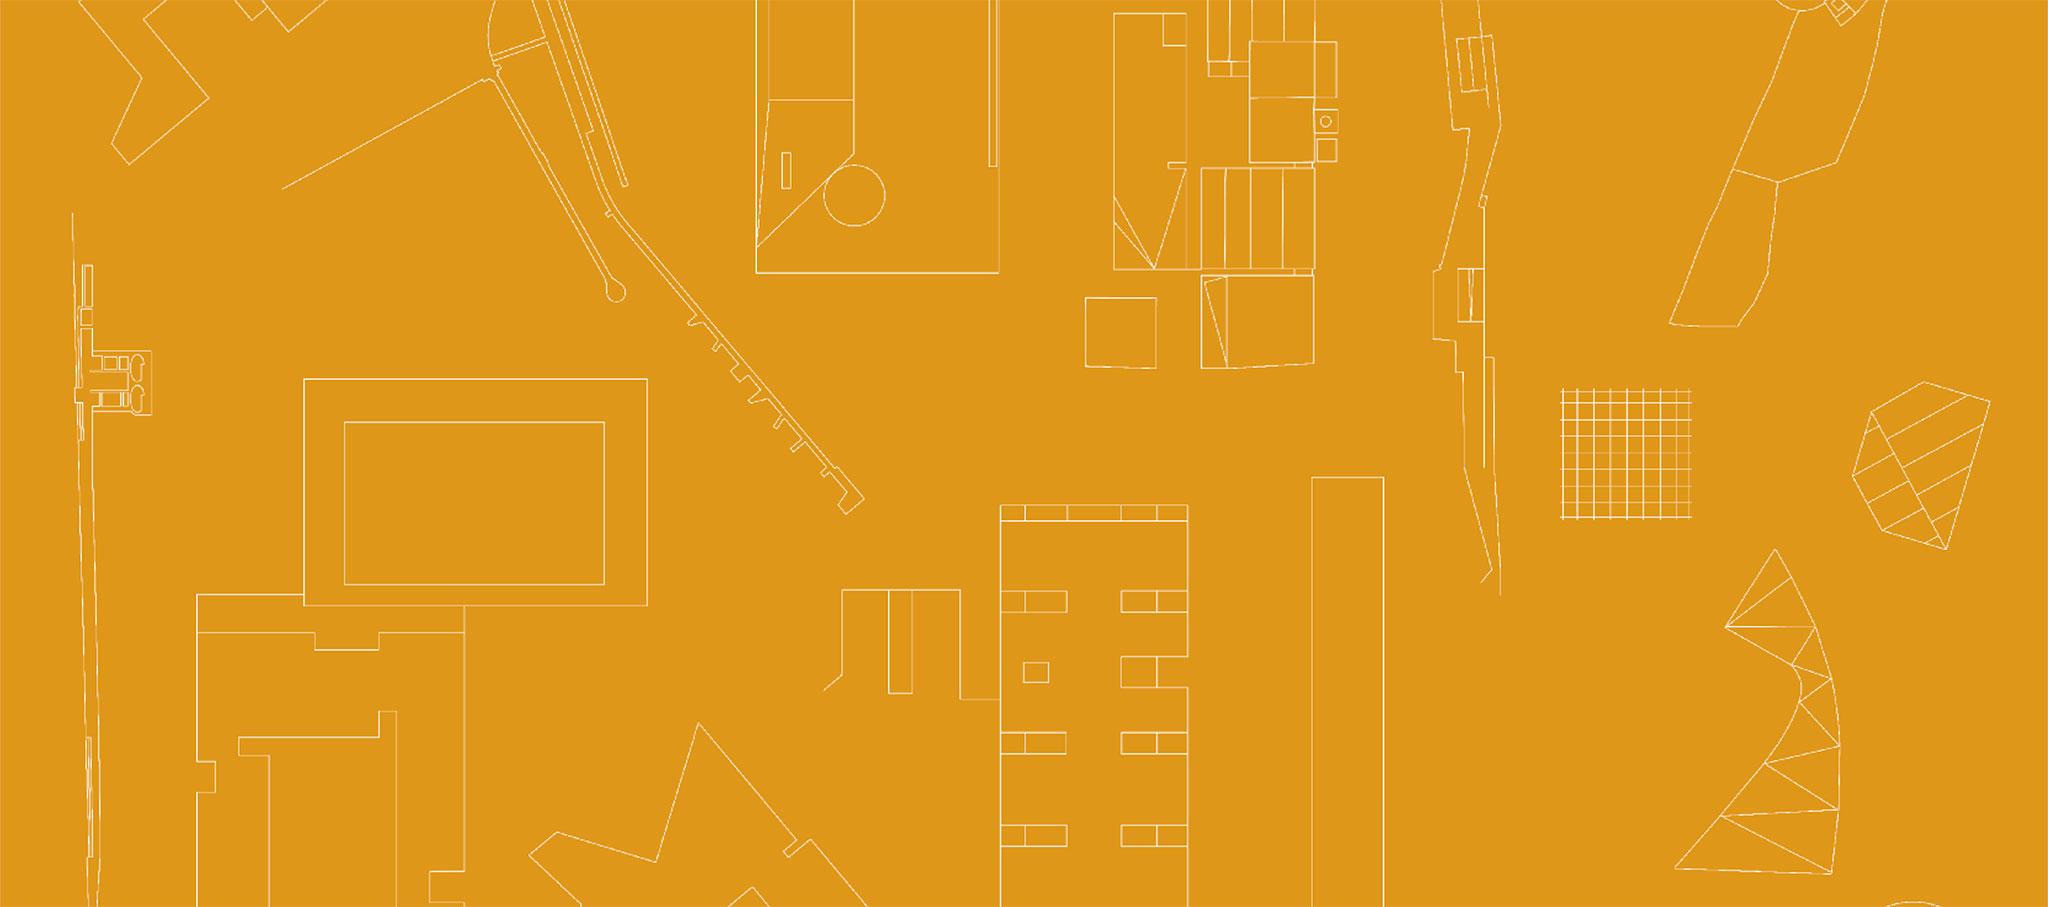 Público sin Retórica Pabellón de Portugal para la XVI Bienal de Arquitectura de Venecia 2018